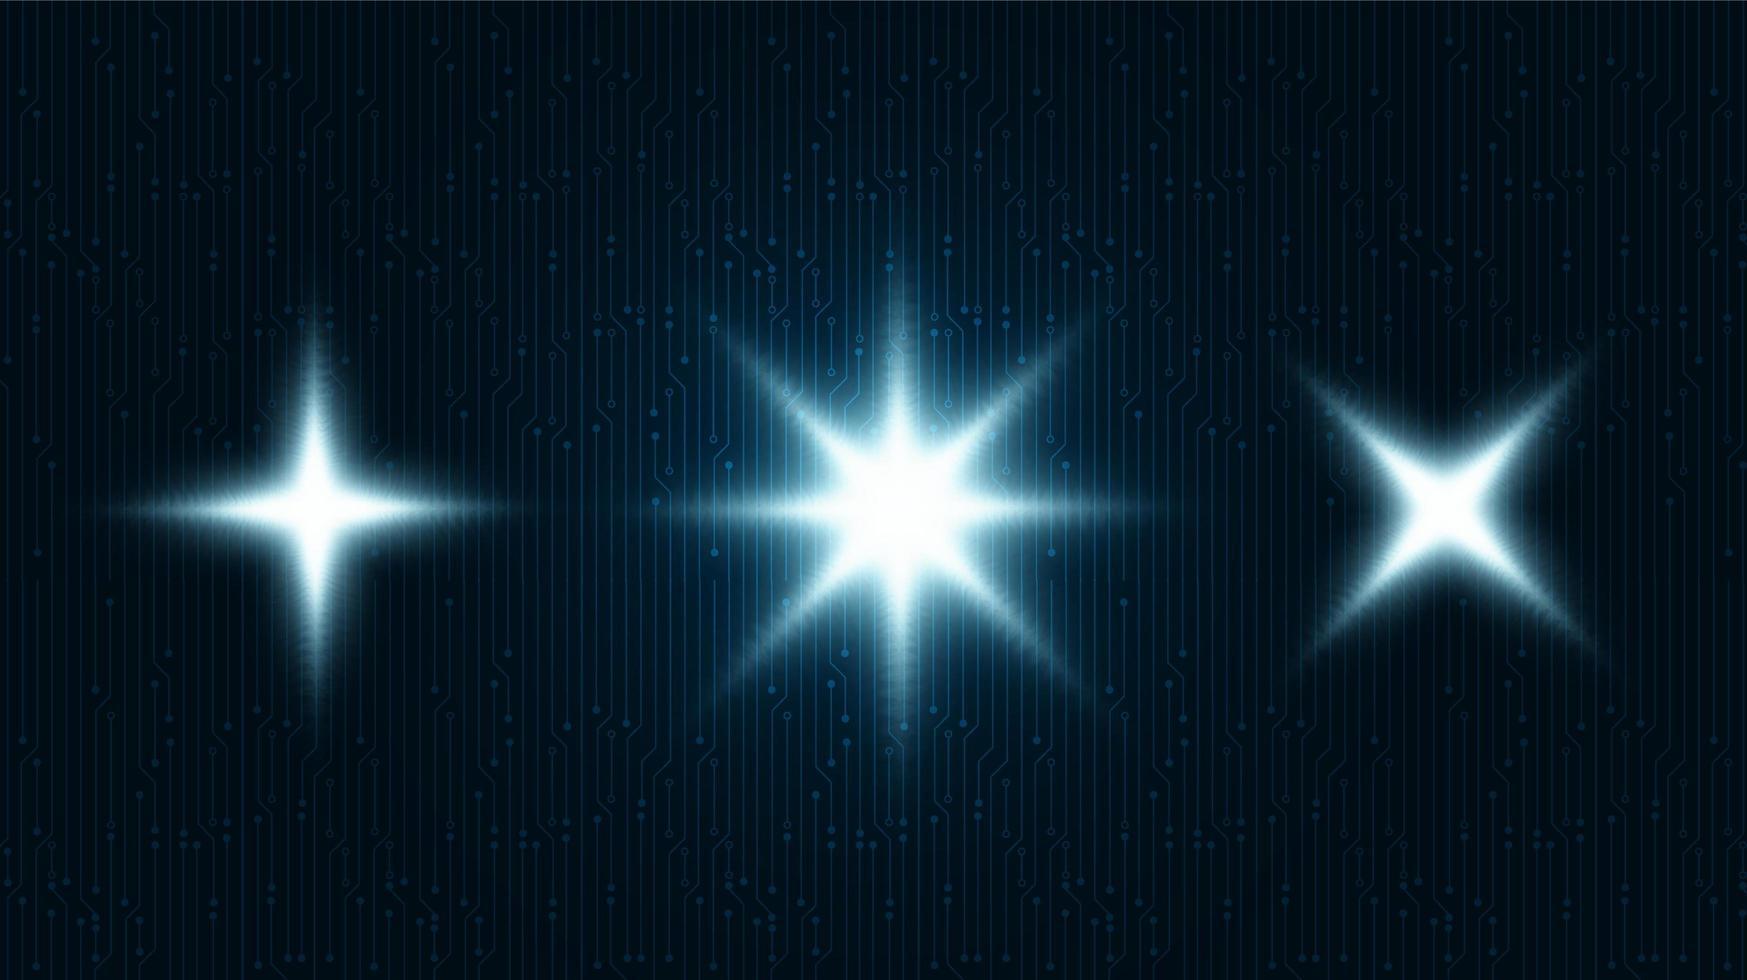 digital ljussymbol på teknikbakgrund, högteknologisk och kommunikationskonceptdesign, ledigt utrymme för text i put, vektorillustration. vektor